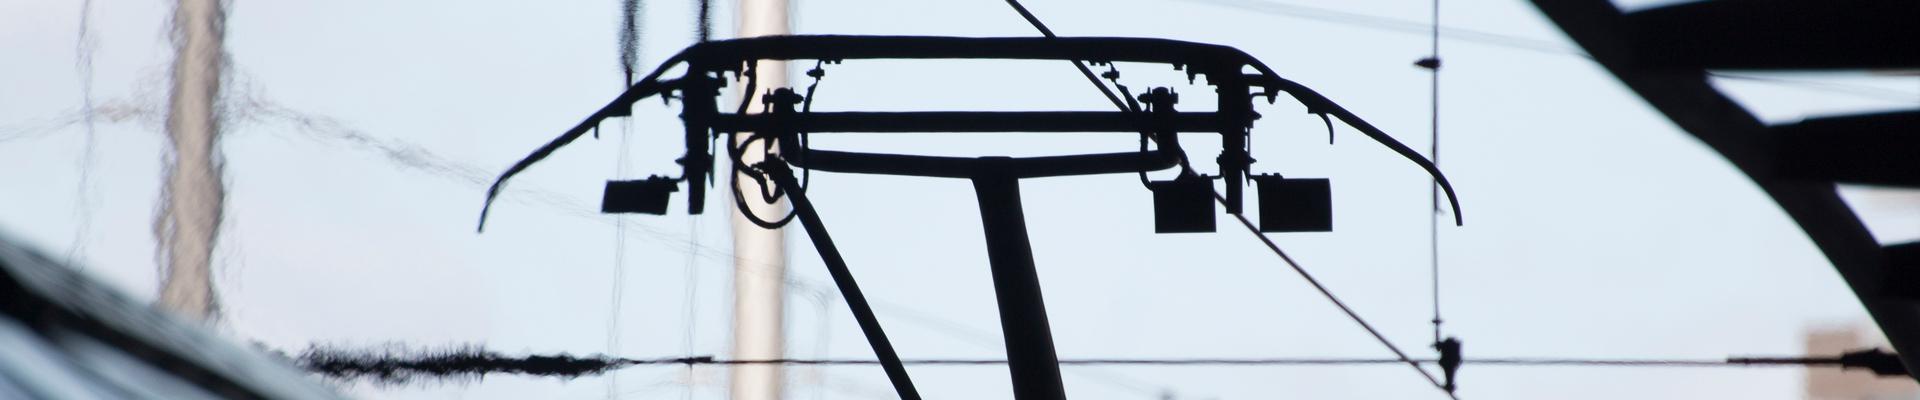 Overhead Line Electrification for Railways